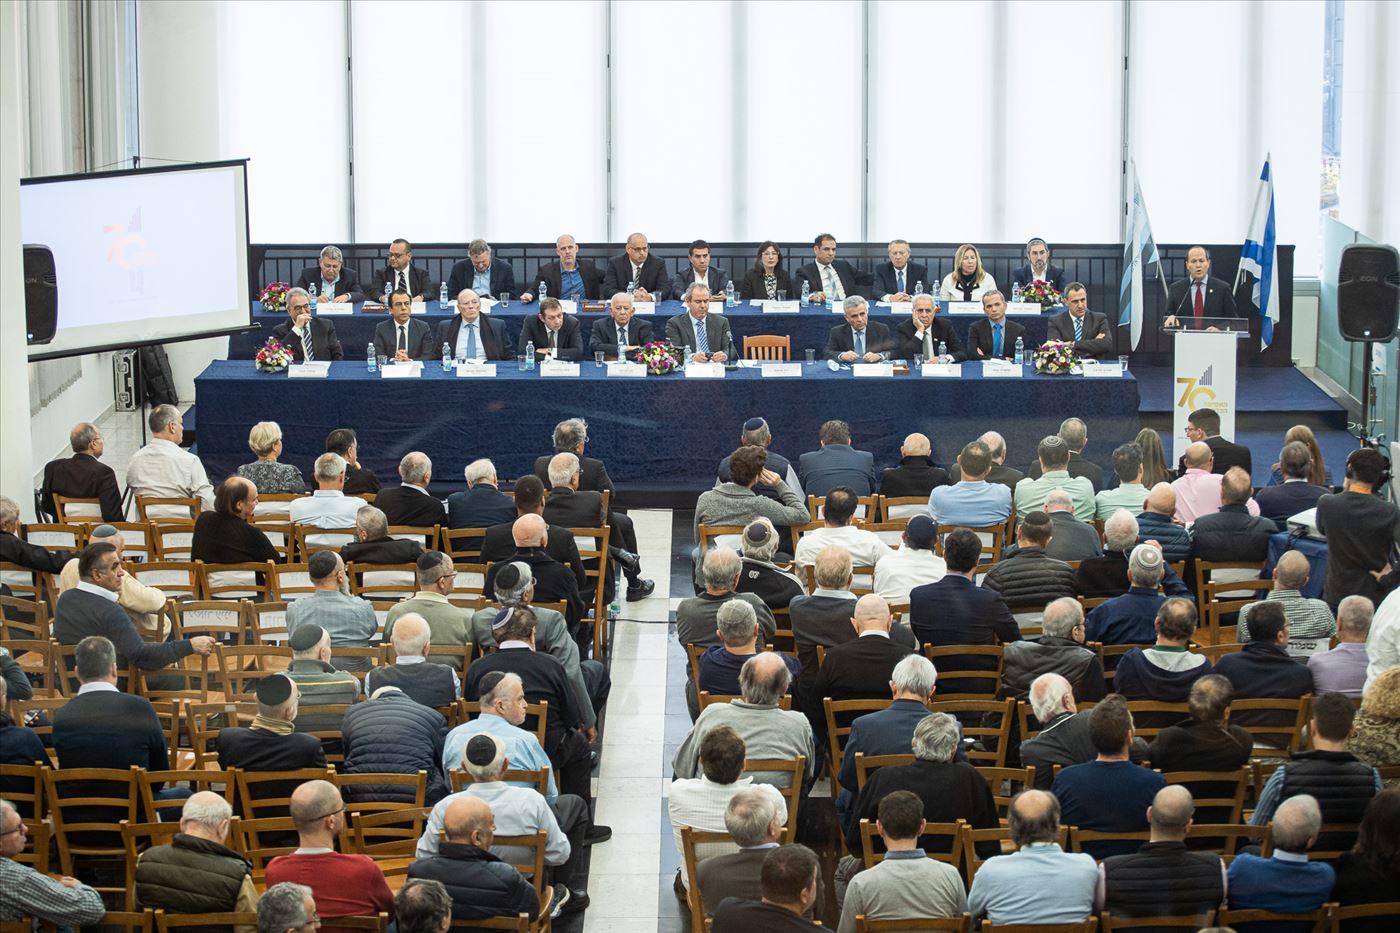 גלרייה - האסיפה הכללית ה-70 תמונה 6 מתוך 239